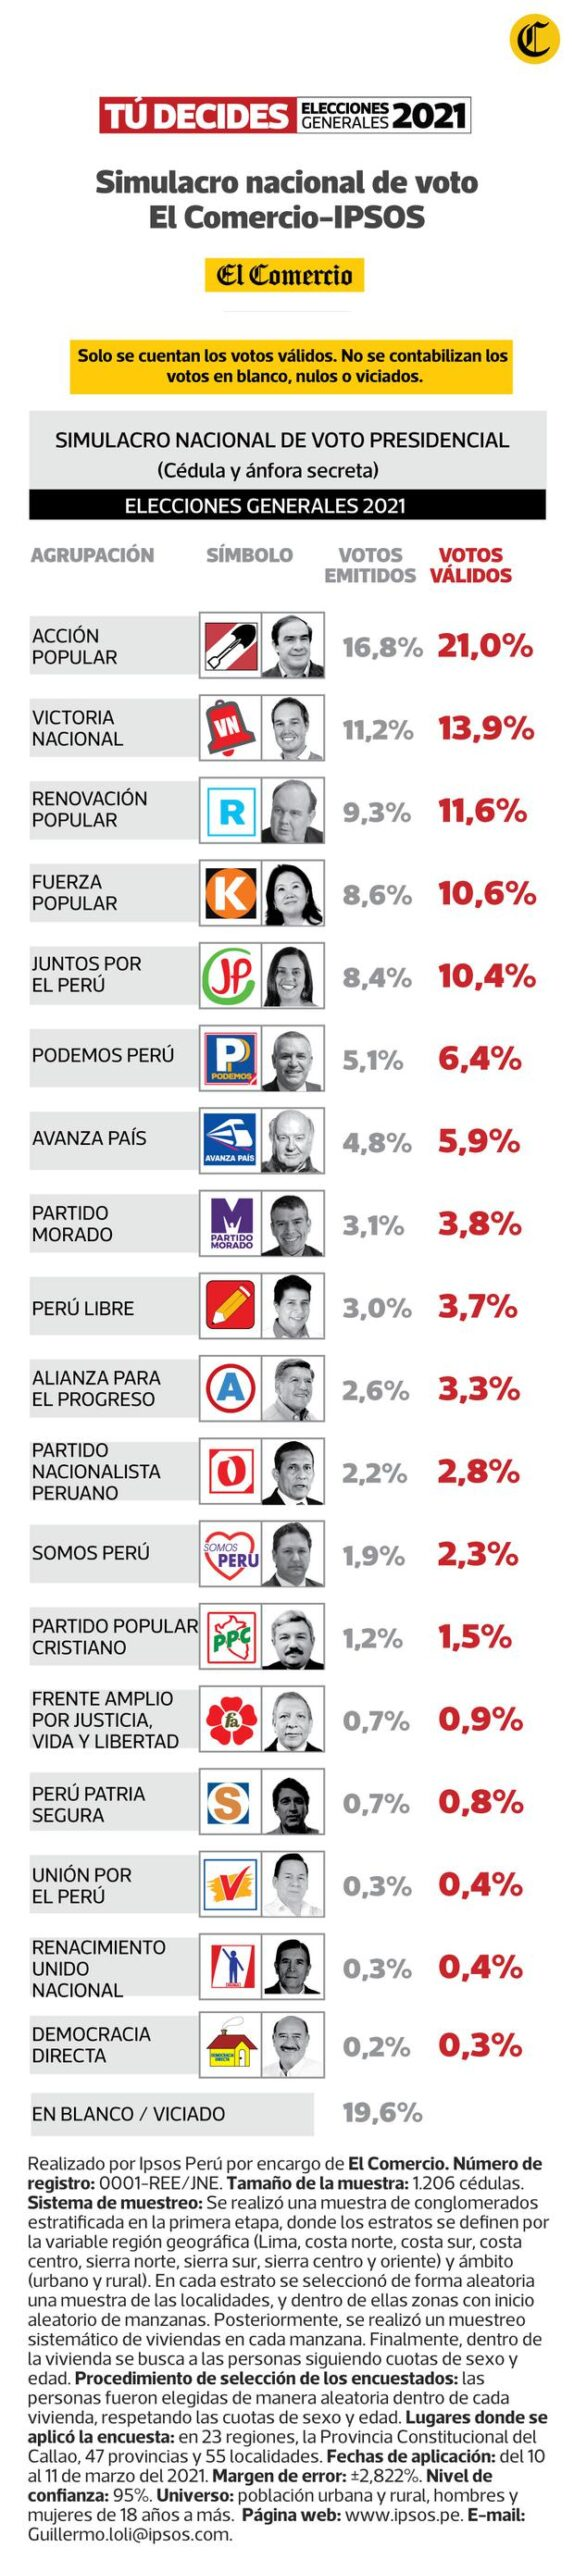 Encuesta Ipsos (Fuente El Comercio).